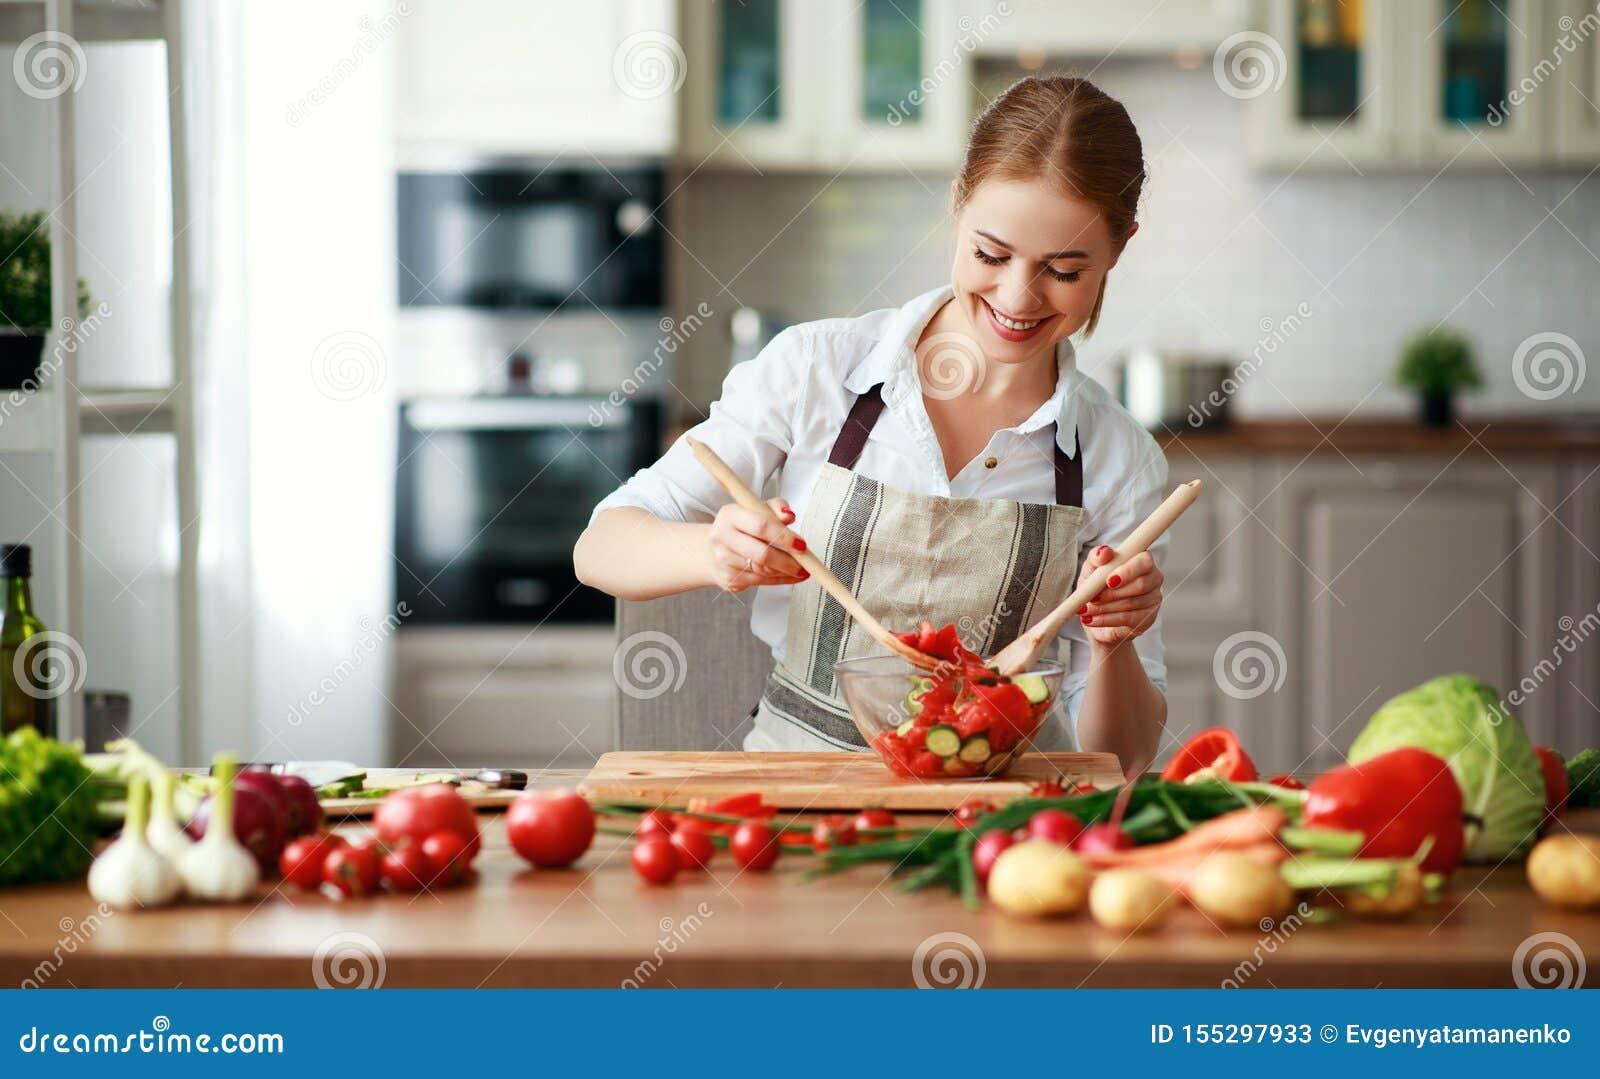 Gelukkige vrouw die plantaardige salade in keuken voorbereiden